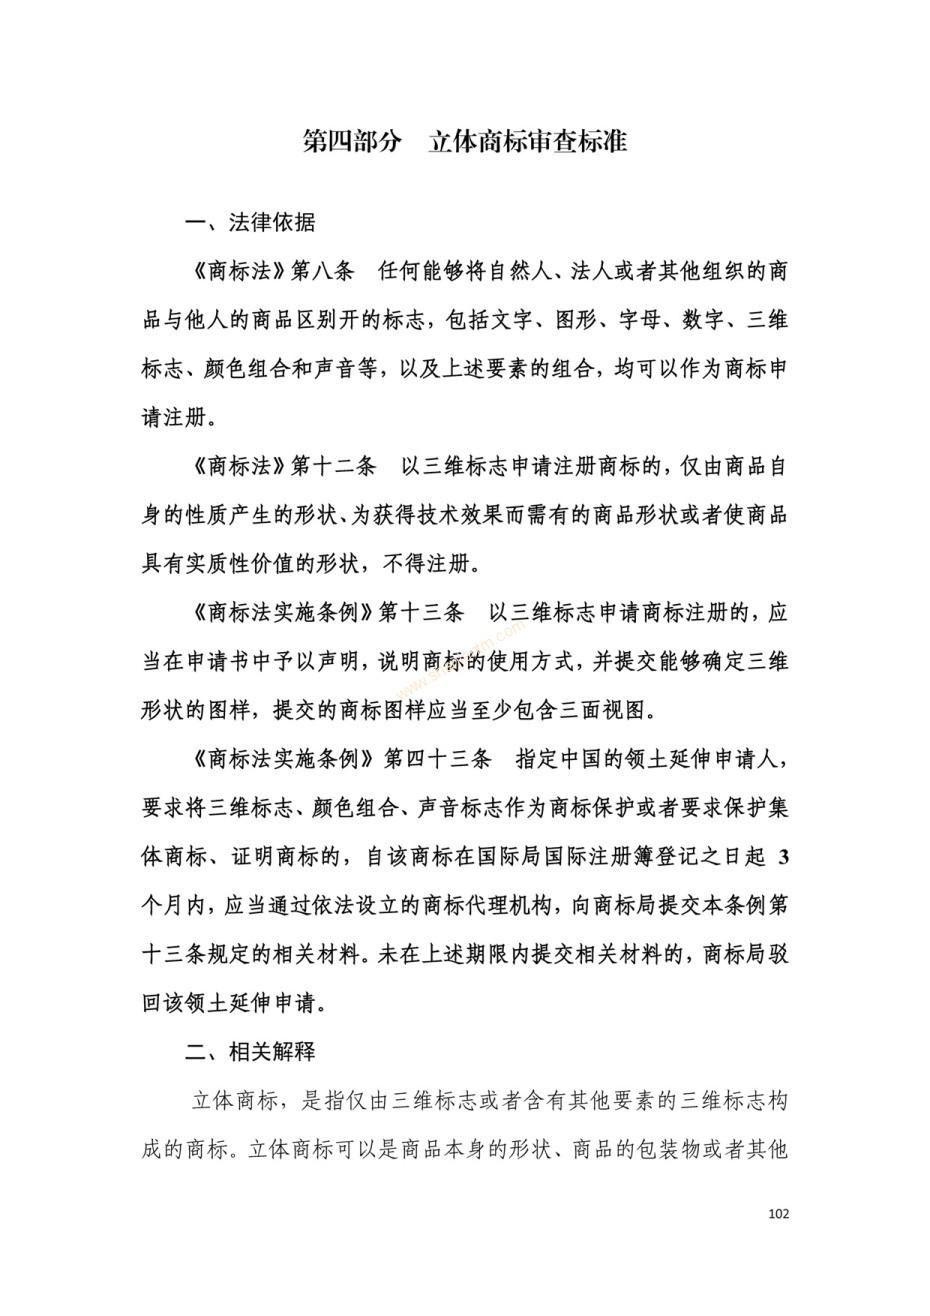 商标注册|上海商标注册|注册商标|商标驳回复审|商标查询